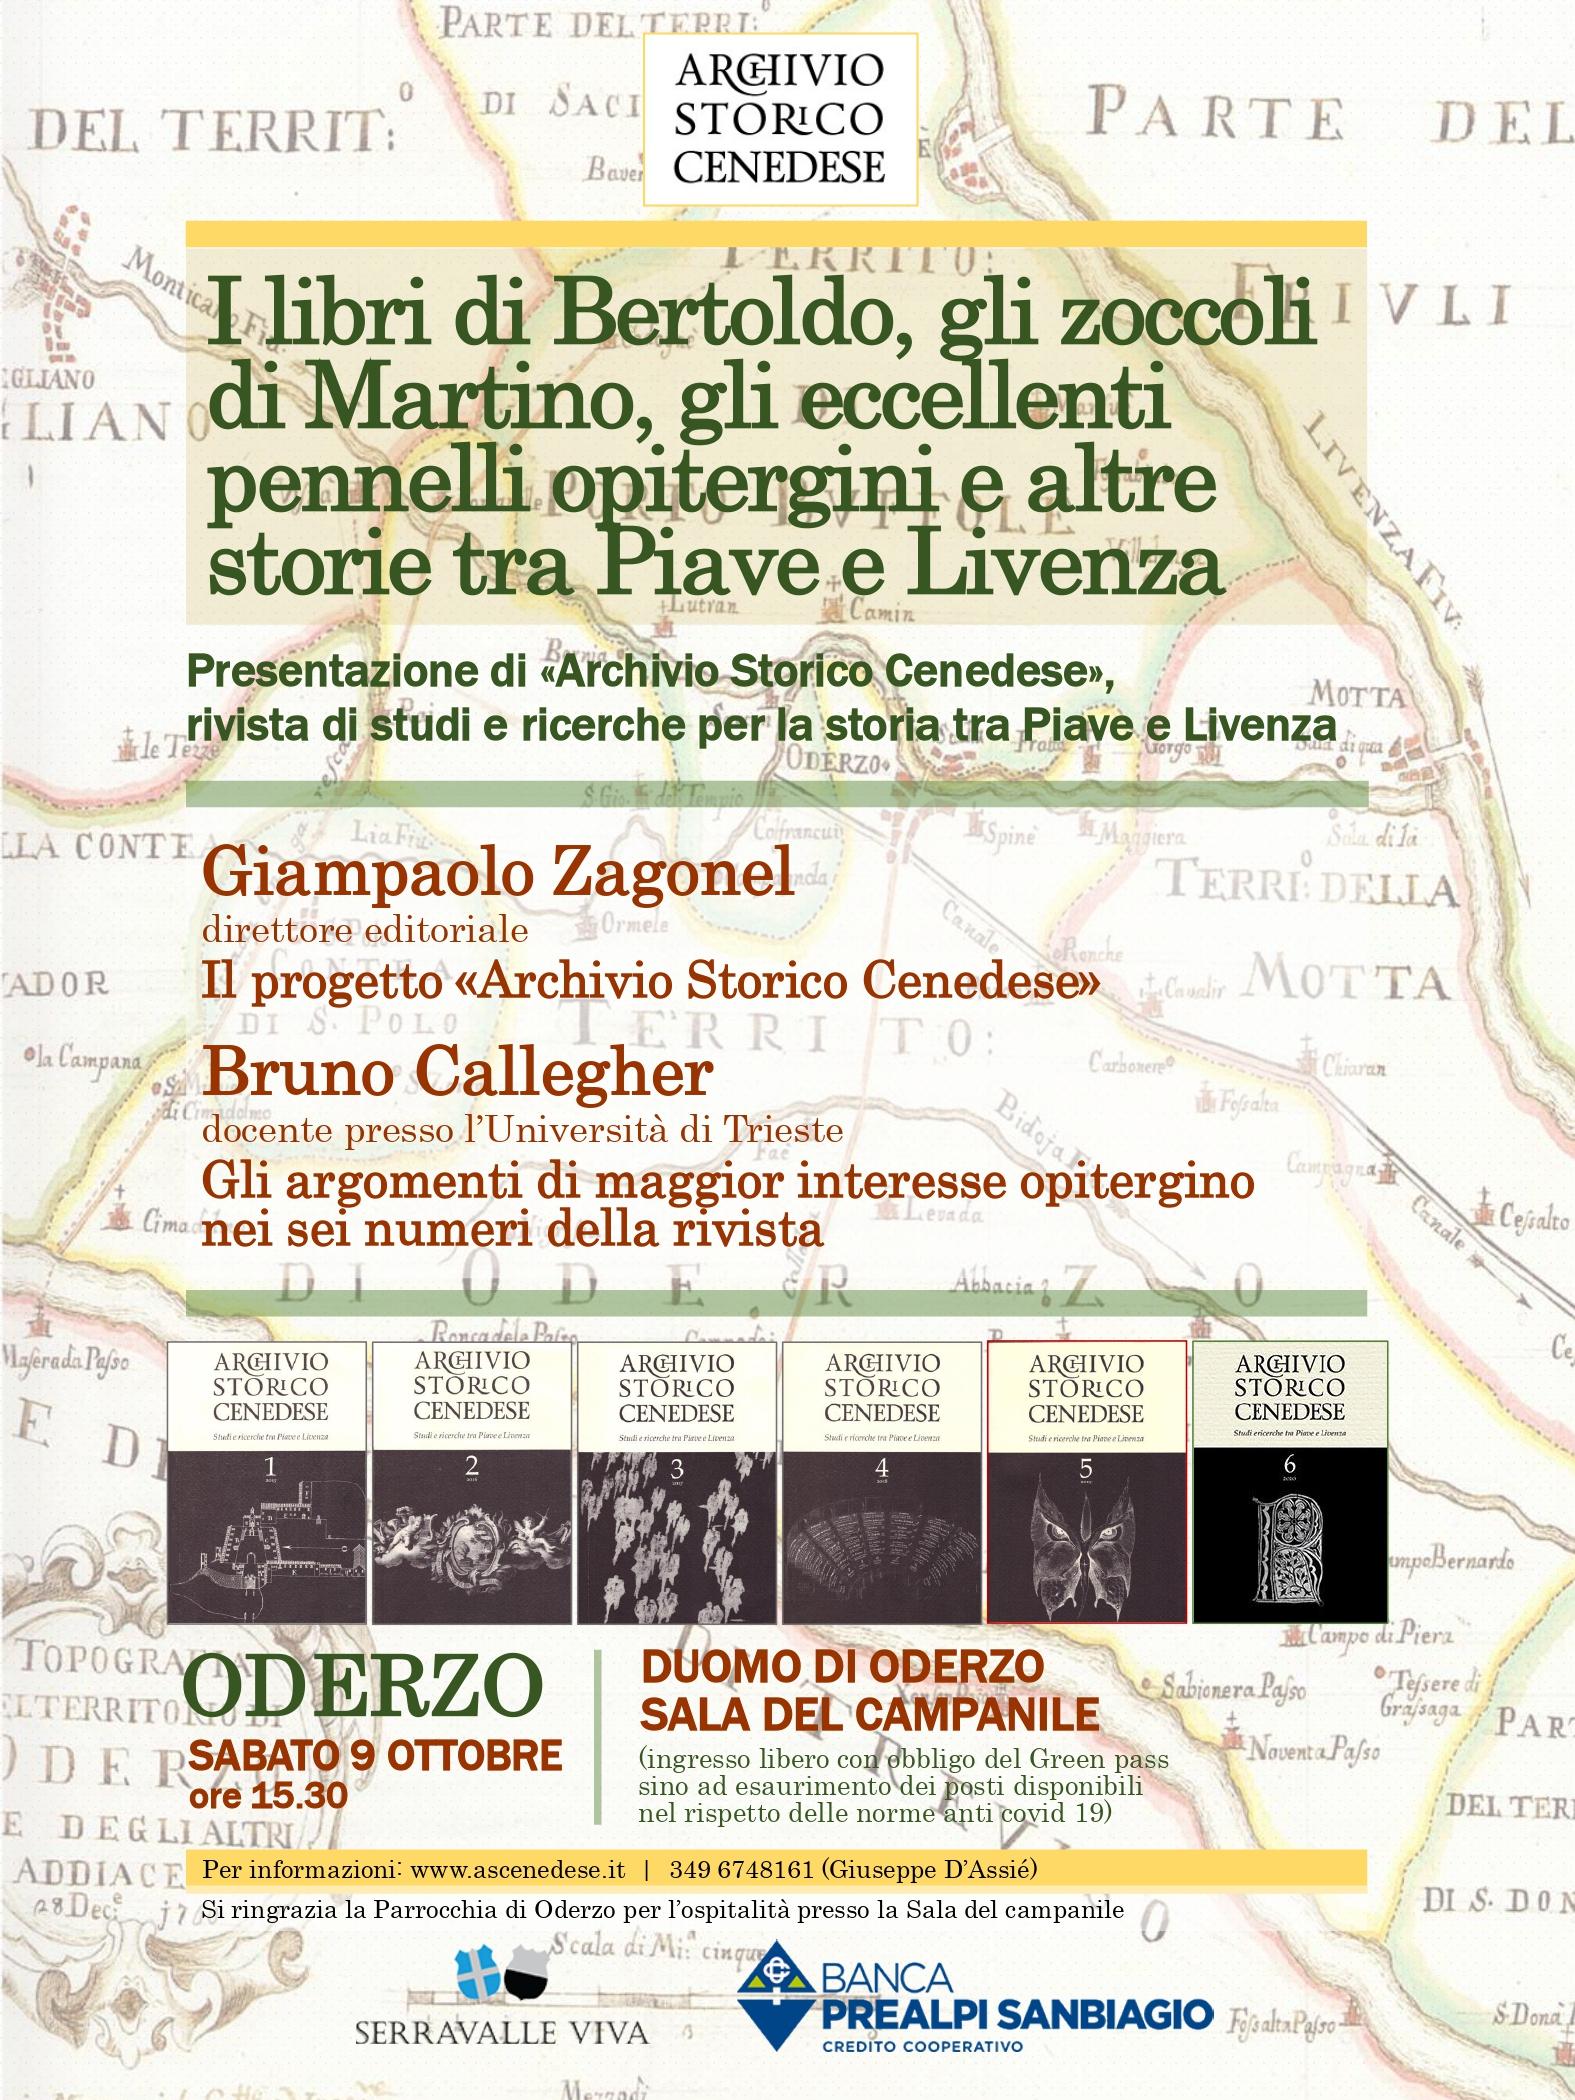 Archivio storico cenedese. Presentazione del sesto...